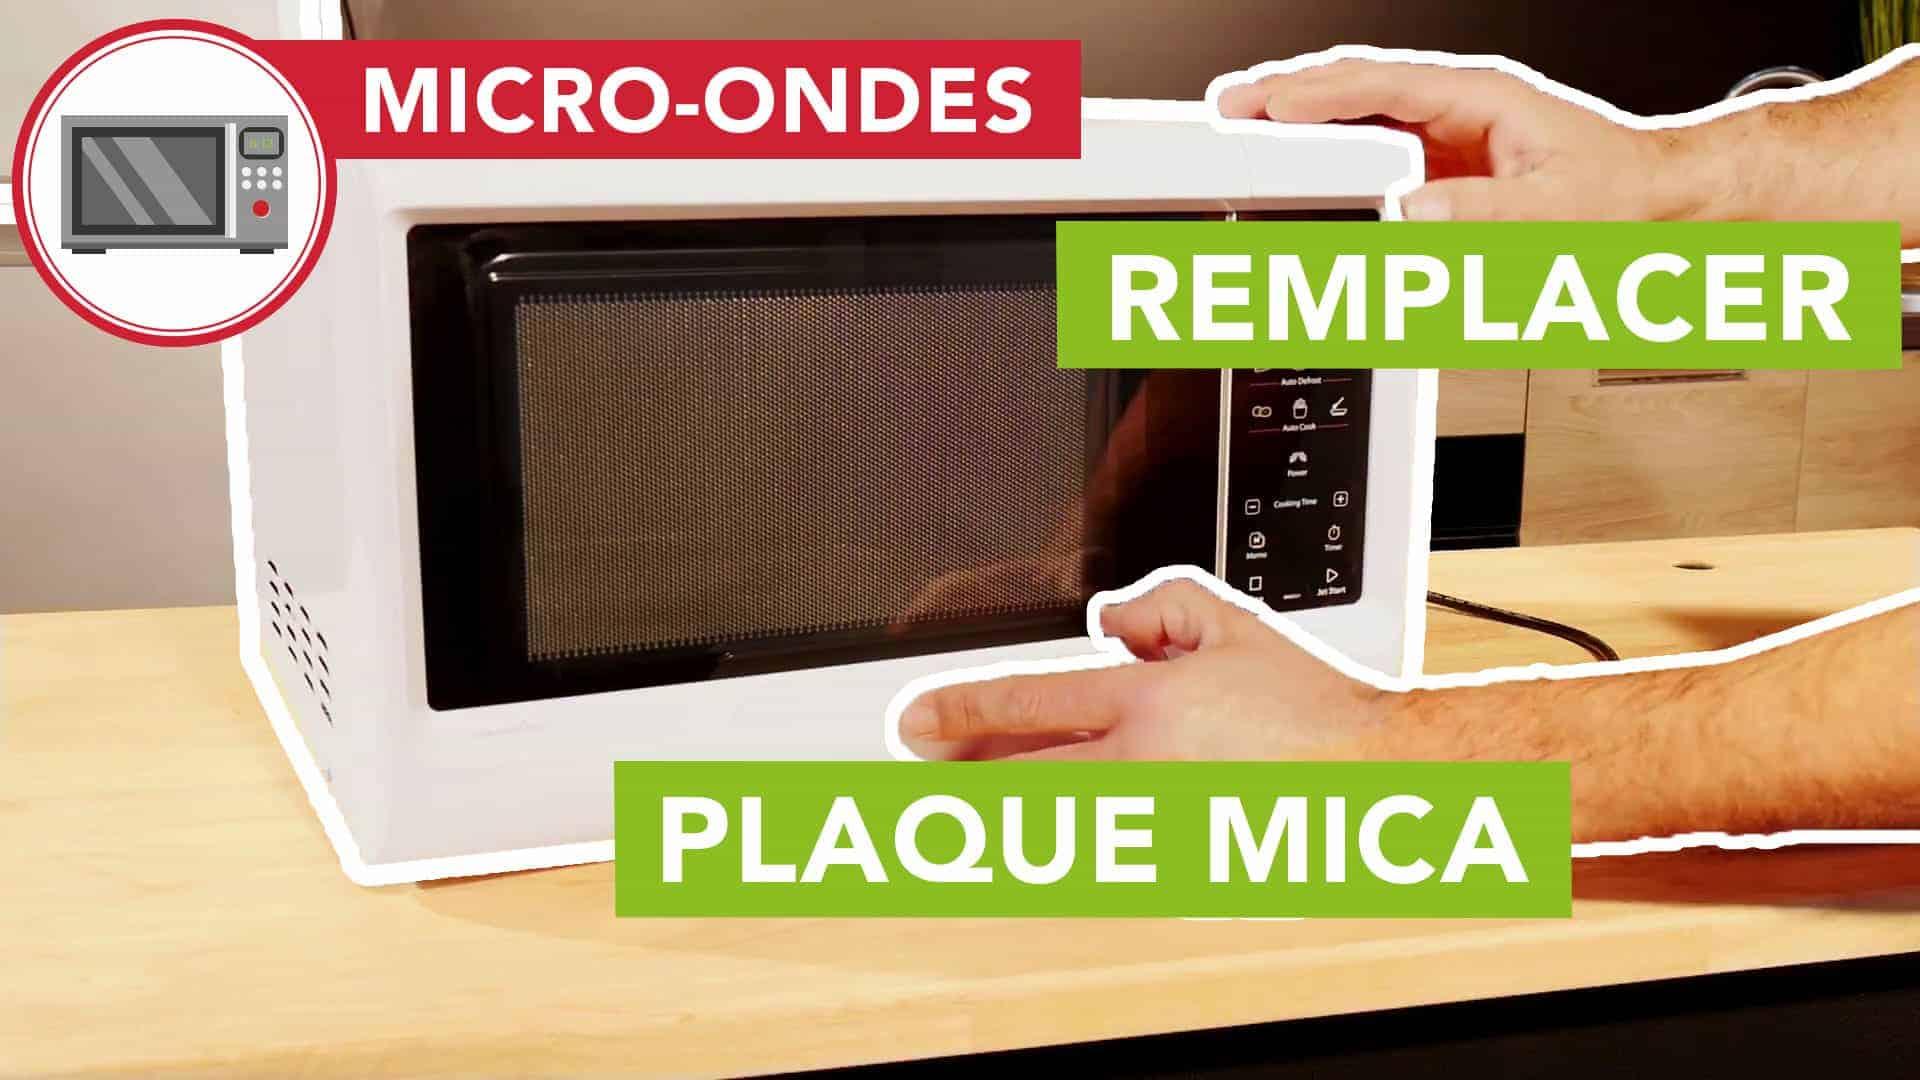 Demonter Plaque De Cuisson Electrique micro-ondes : comment changer la plaque mica d'un micro-ondes ?